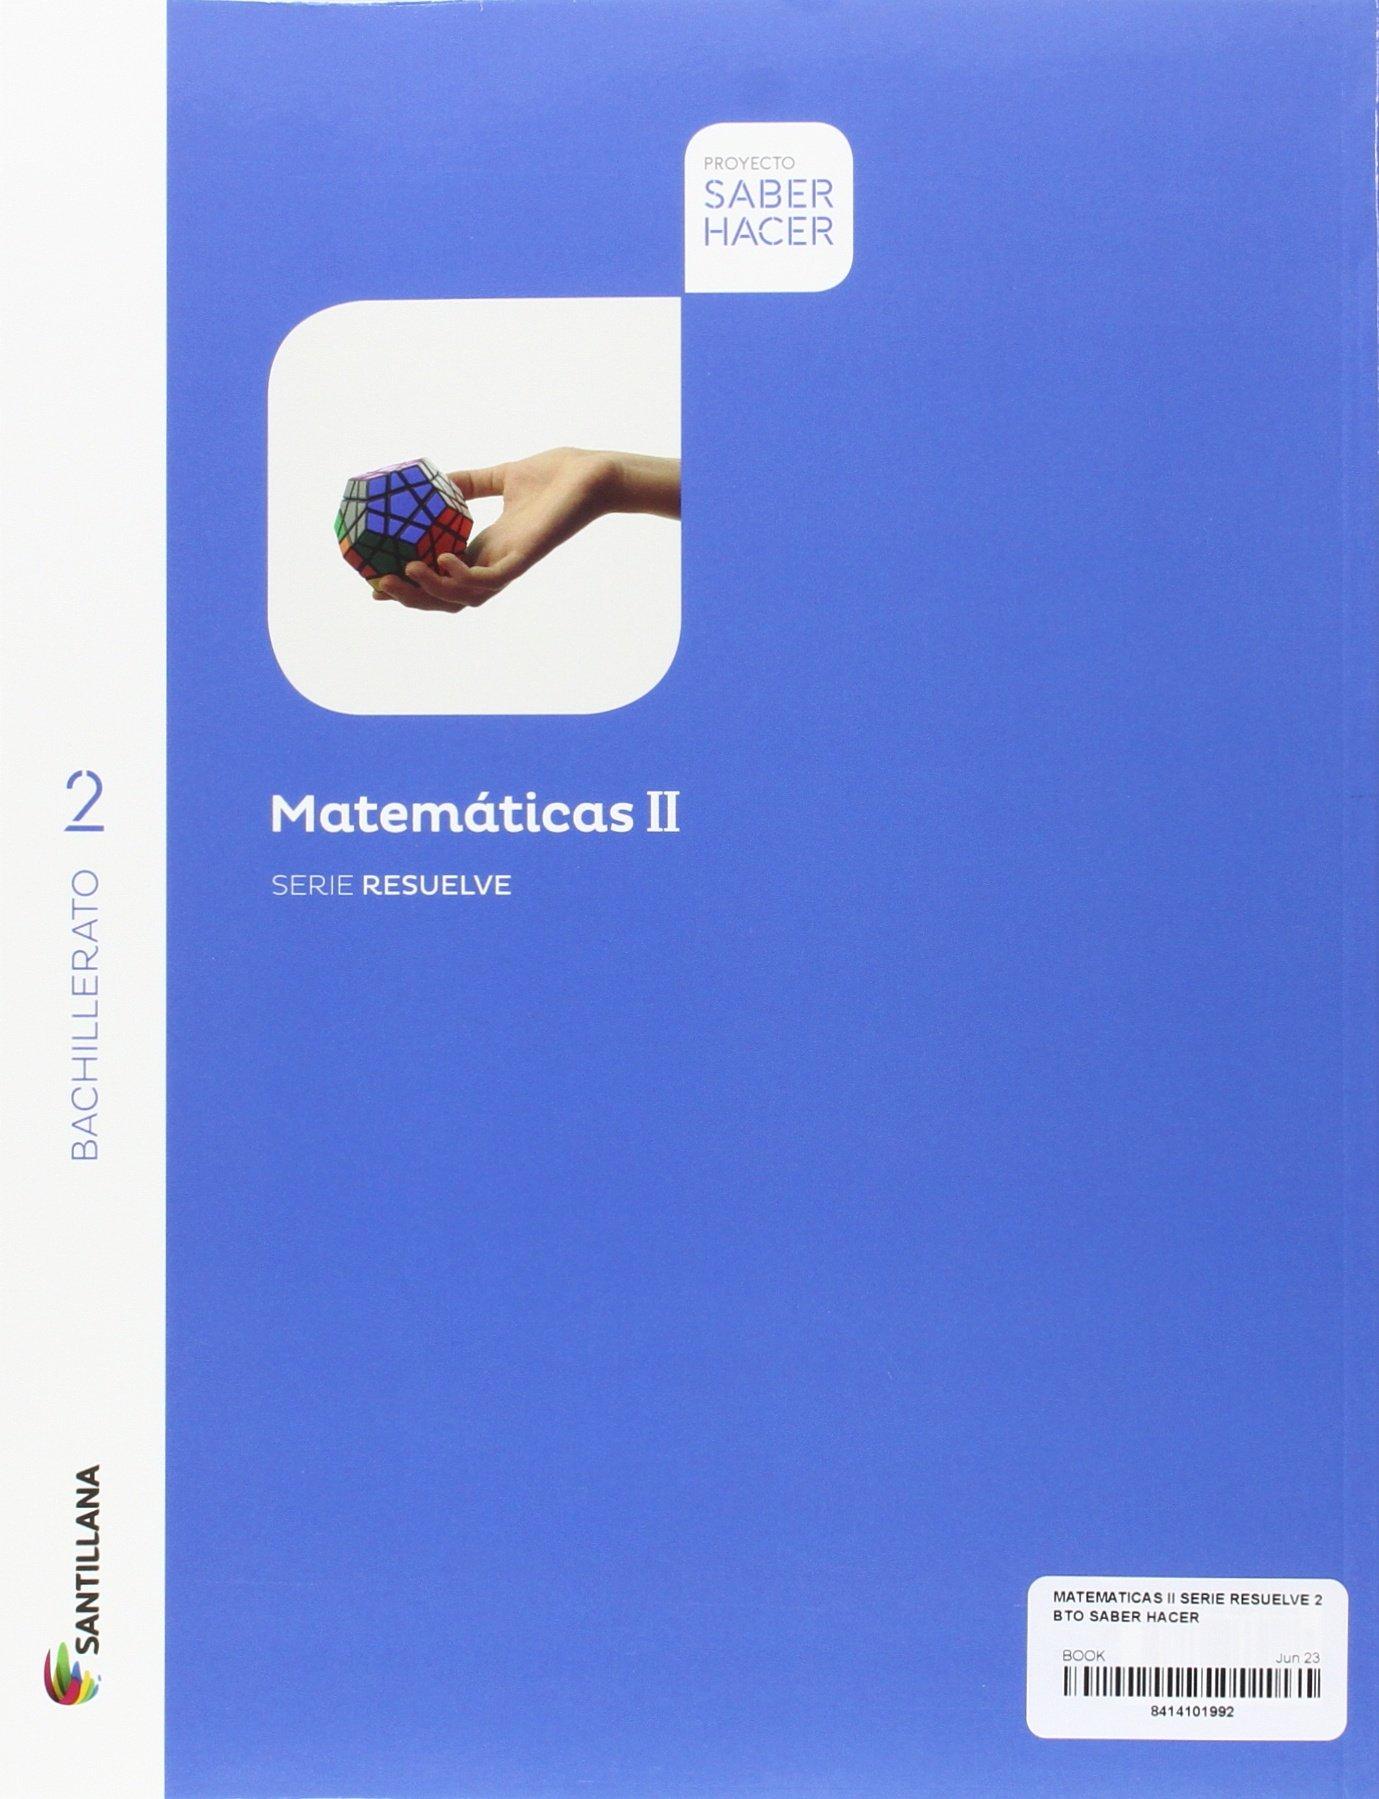 MATEMATICAS II SERIE RESUELVE 2 BTO SABER HACER - 9788414101995: Amazon.es: Vv.Aa.: Libros